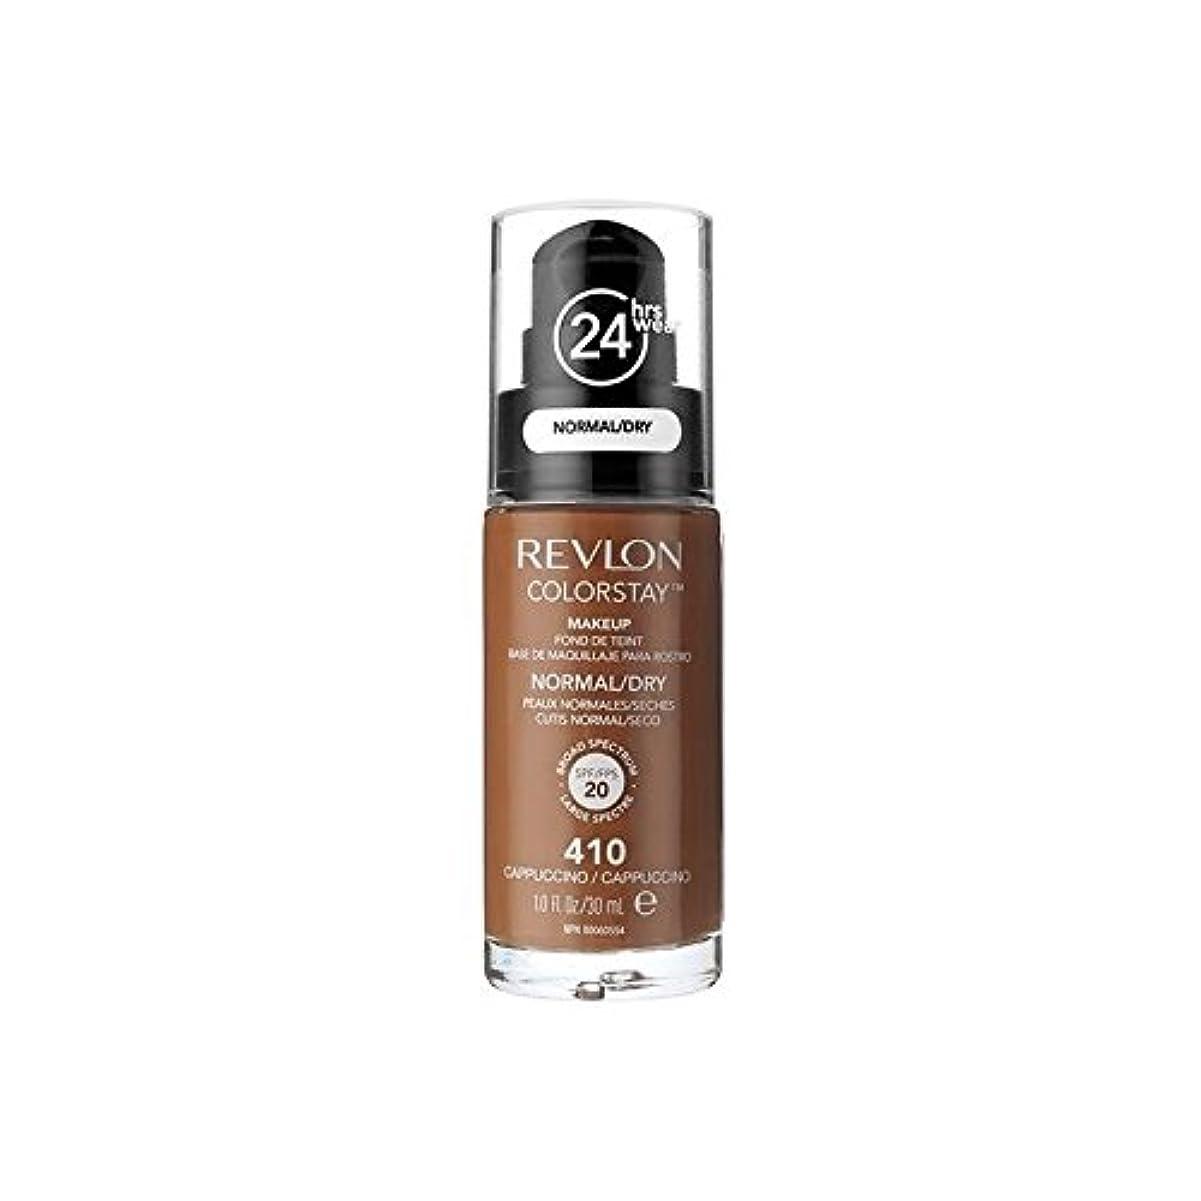 羊飼い付ける脇にレブロンの基礎通常の乾燥肌のカプチーノ x4 - Revlon Colorstay Foundation Normal Dry Skin Cappuccino (Pack of 4) [並行輸入品]